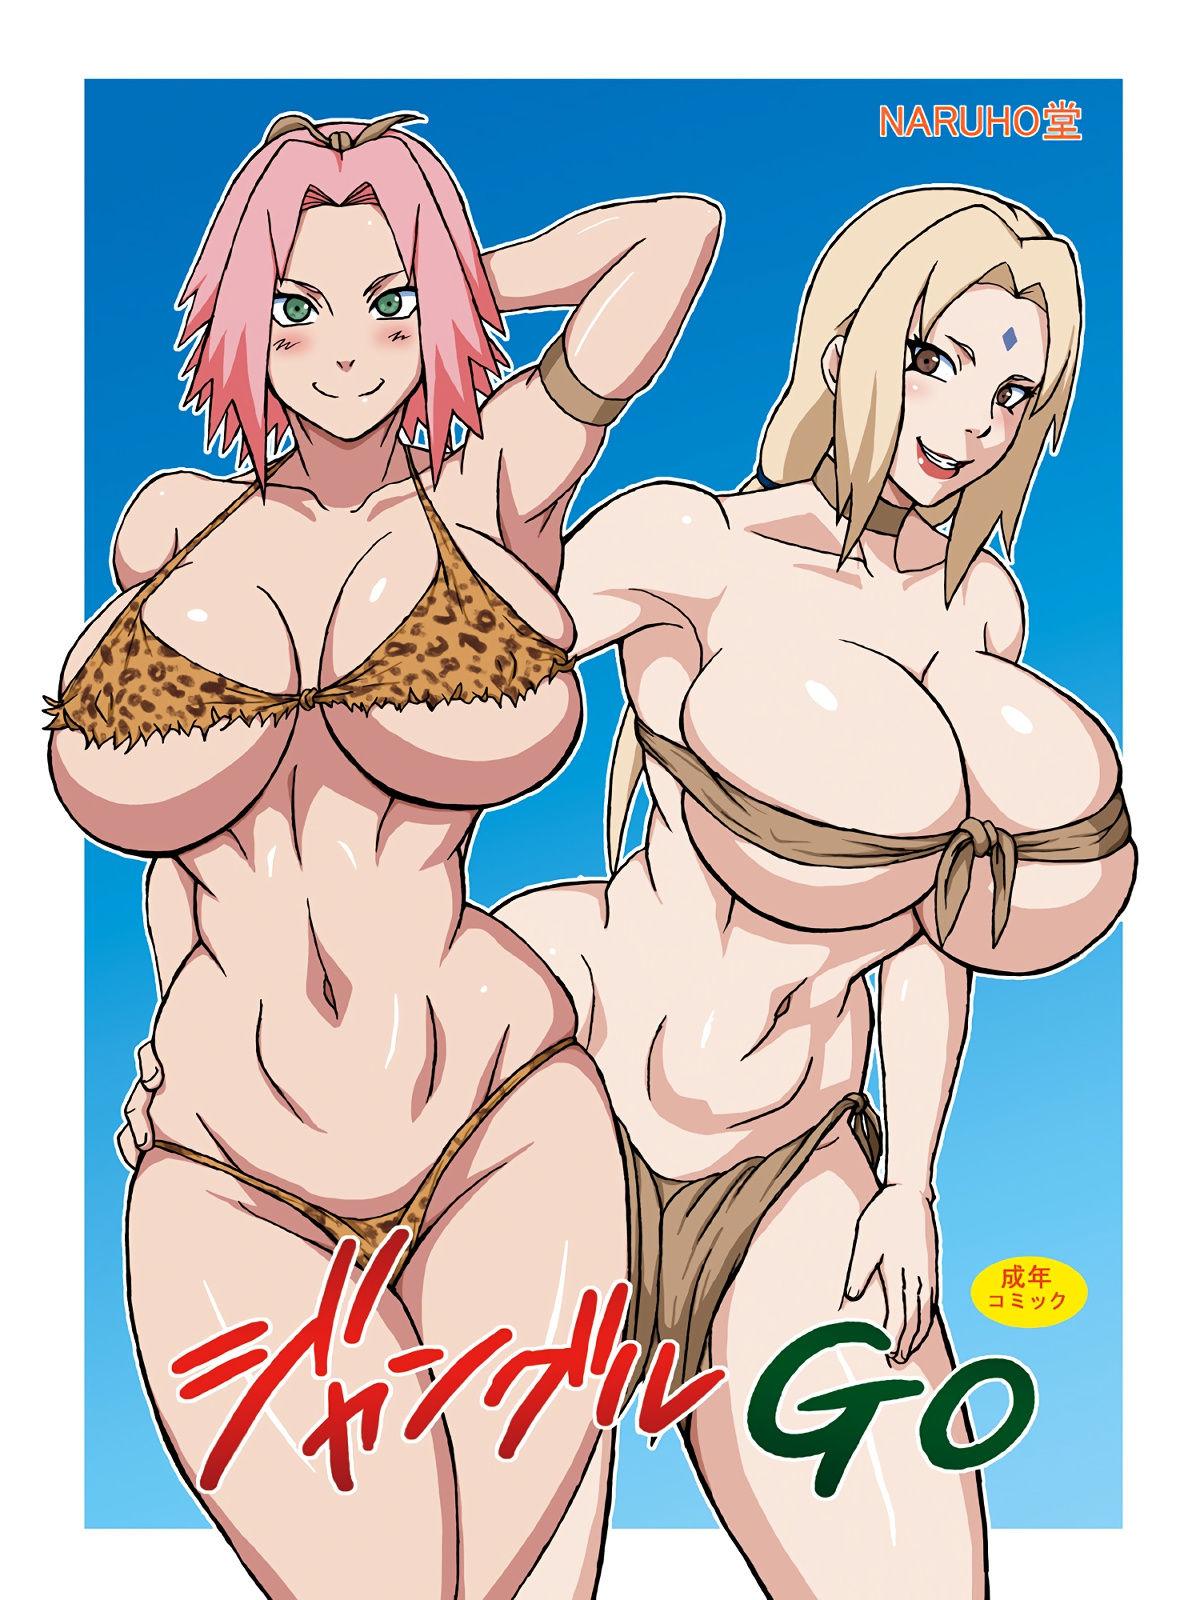 Jungle go hentai manga picture 1